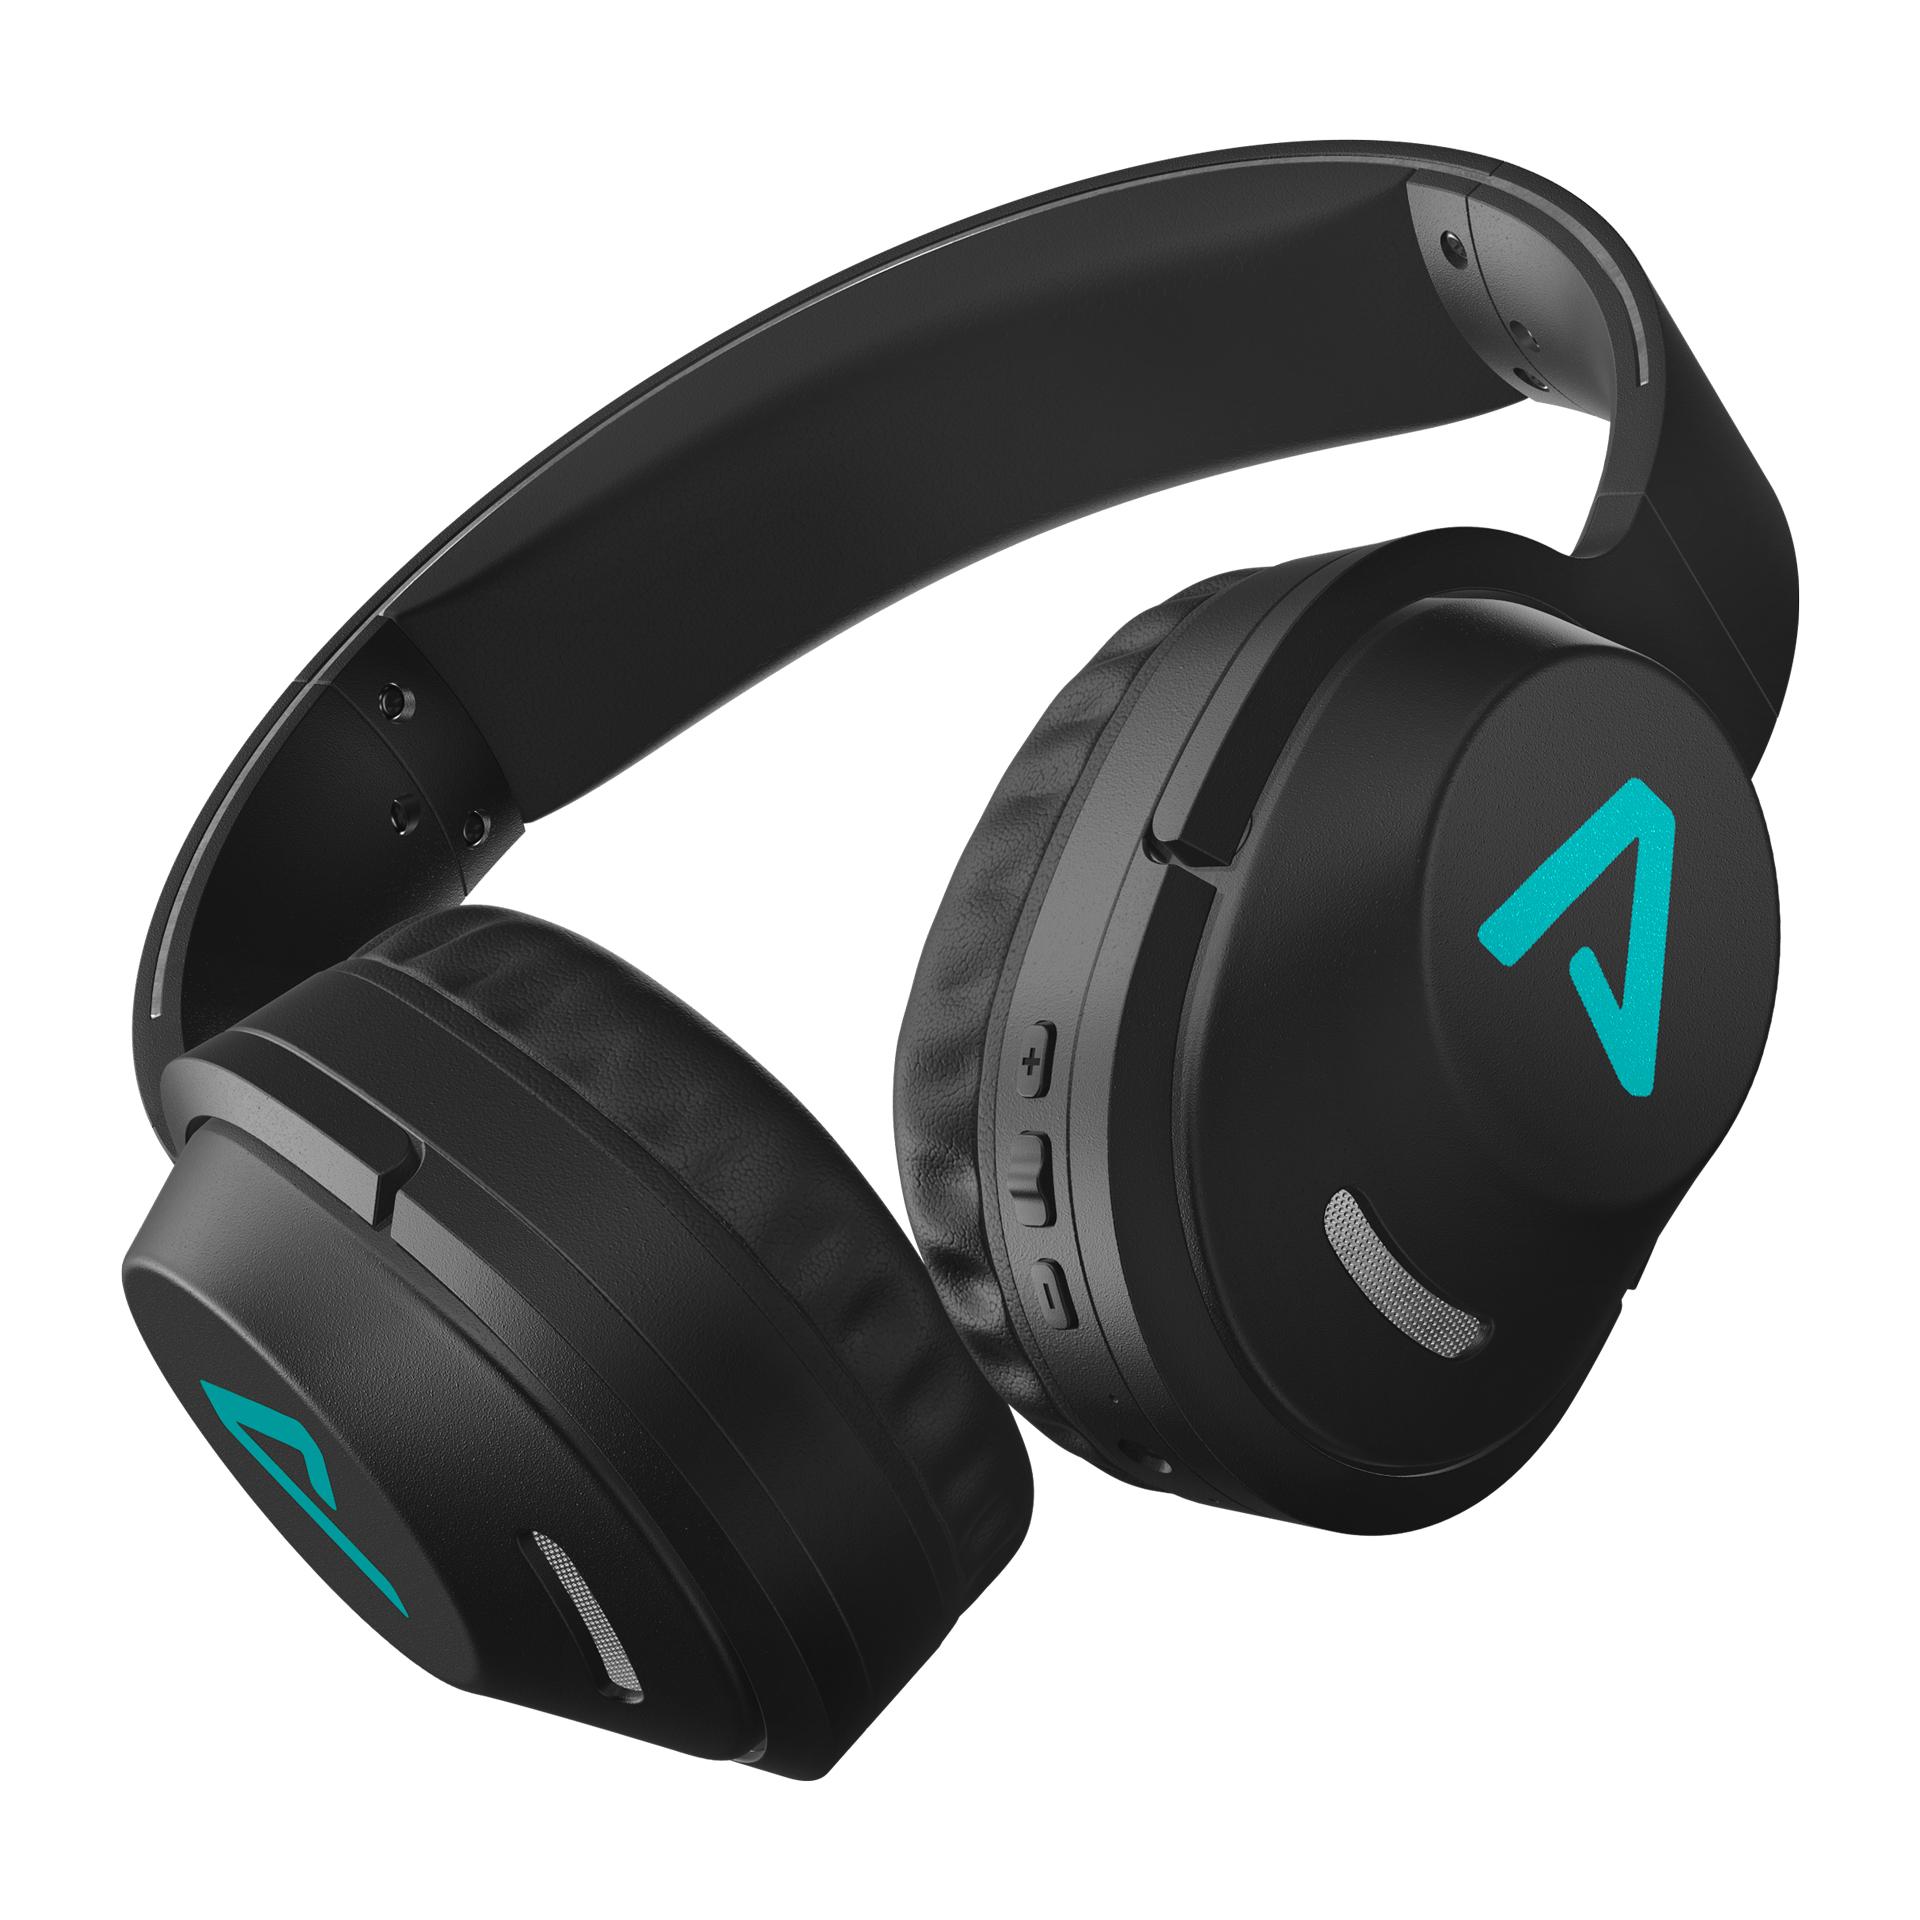 Společnost Lamax představila bezdrátová sluchátka Muse 2